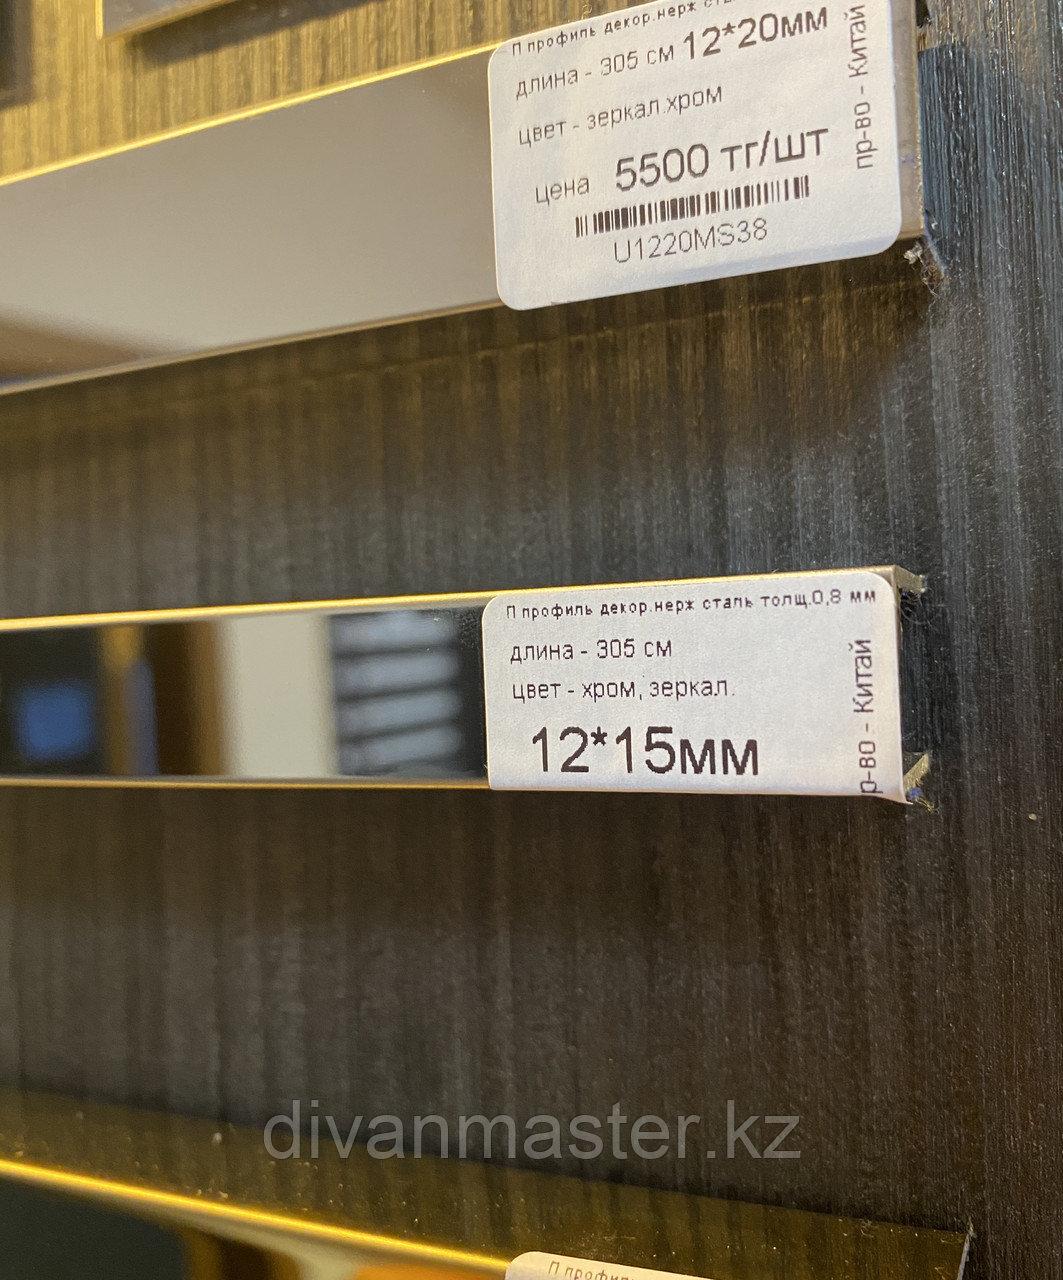 12*15, хром зеркальный - профиль для декорирования мебели,  305 см, П-образный